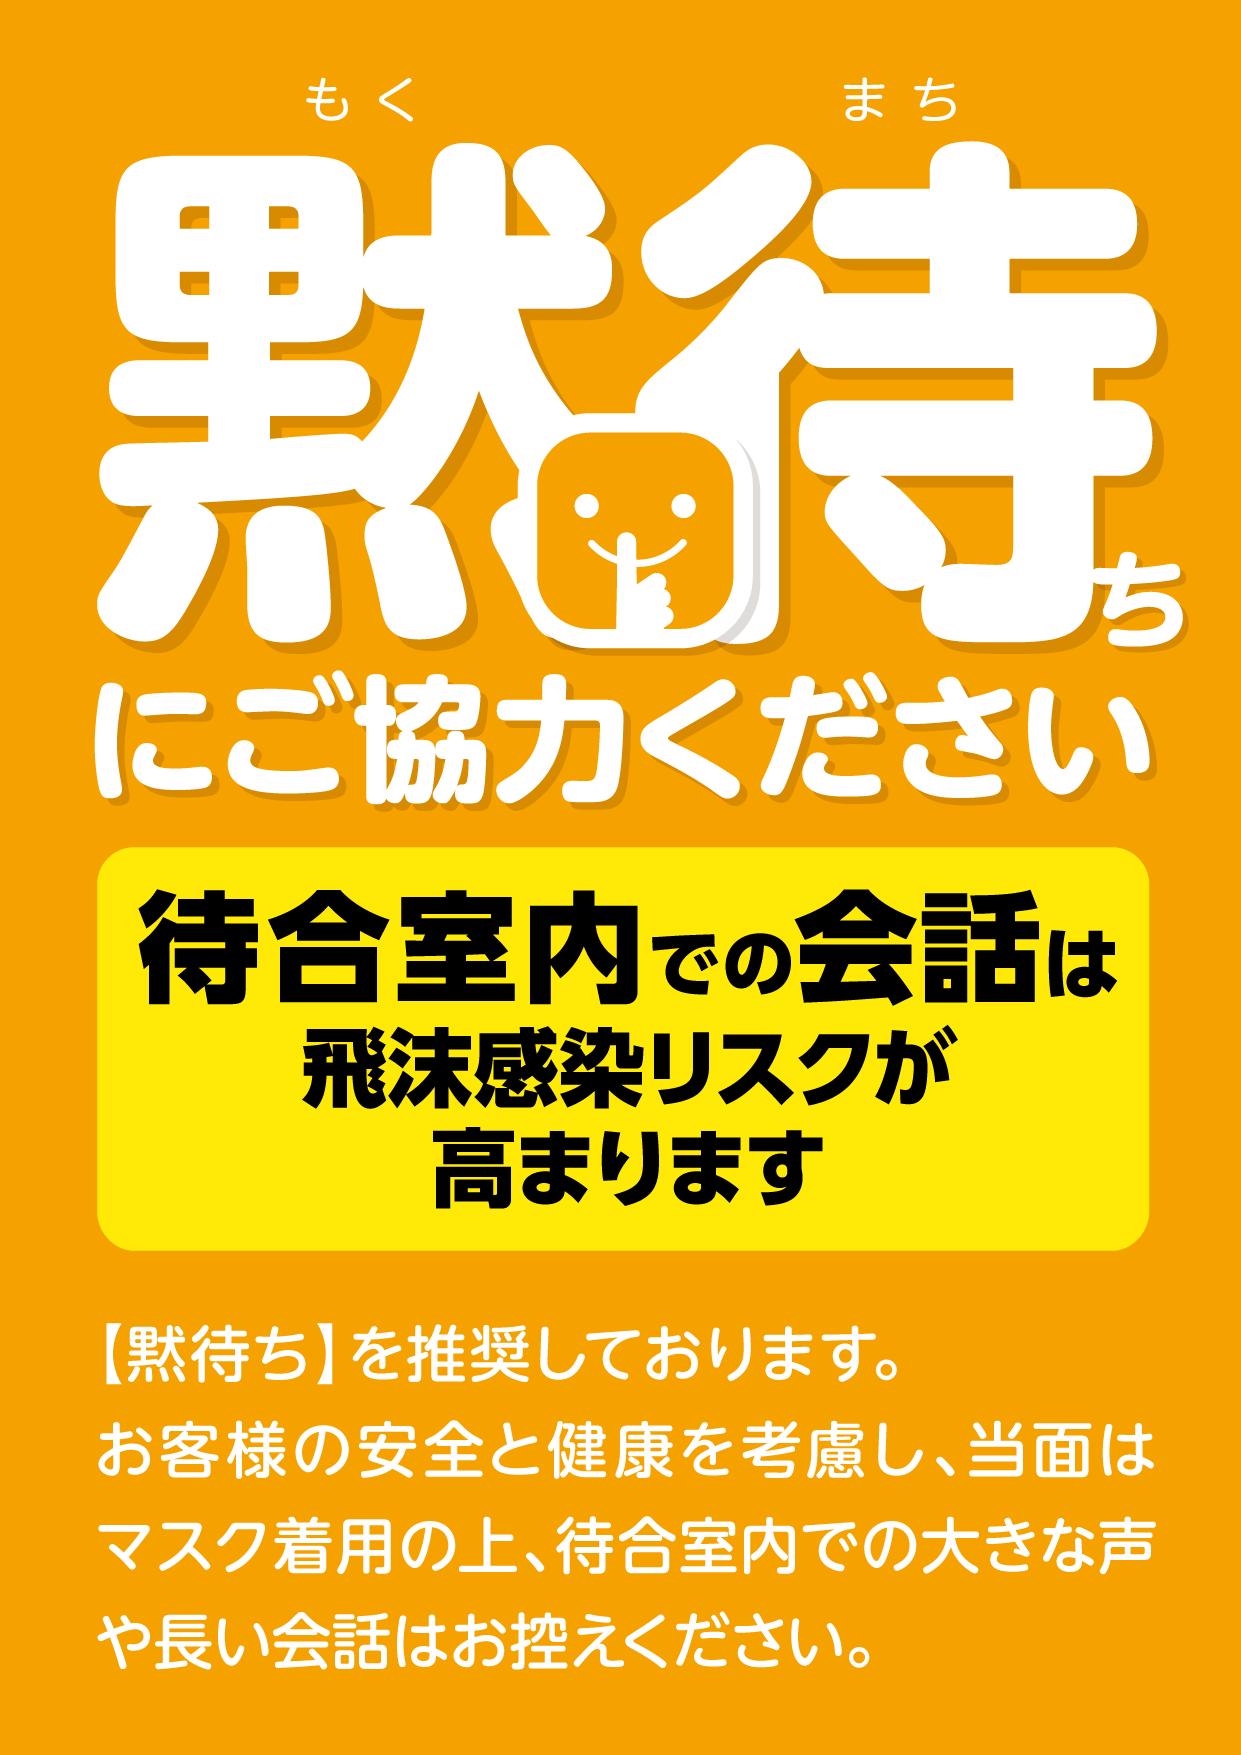 I_A4_08